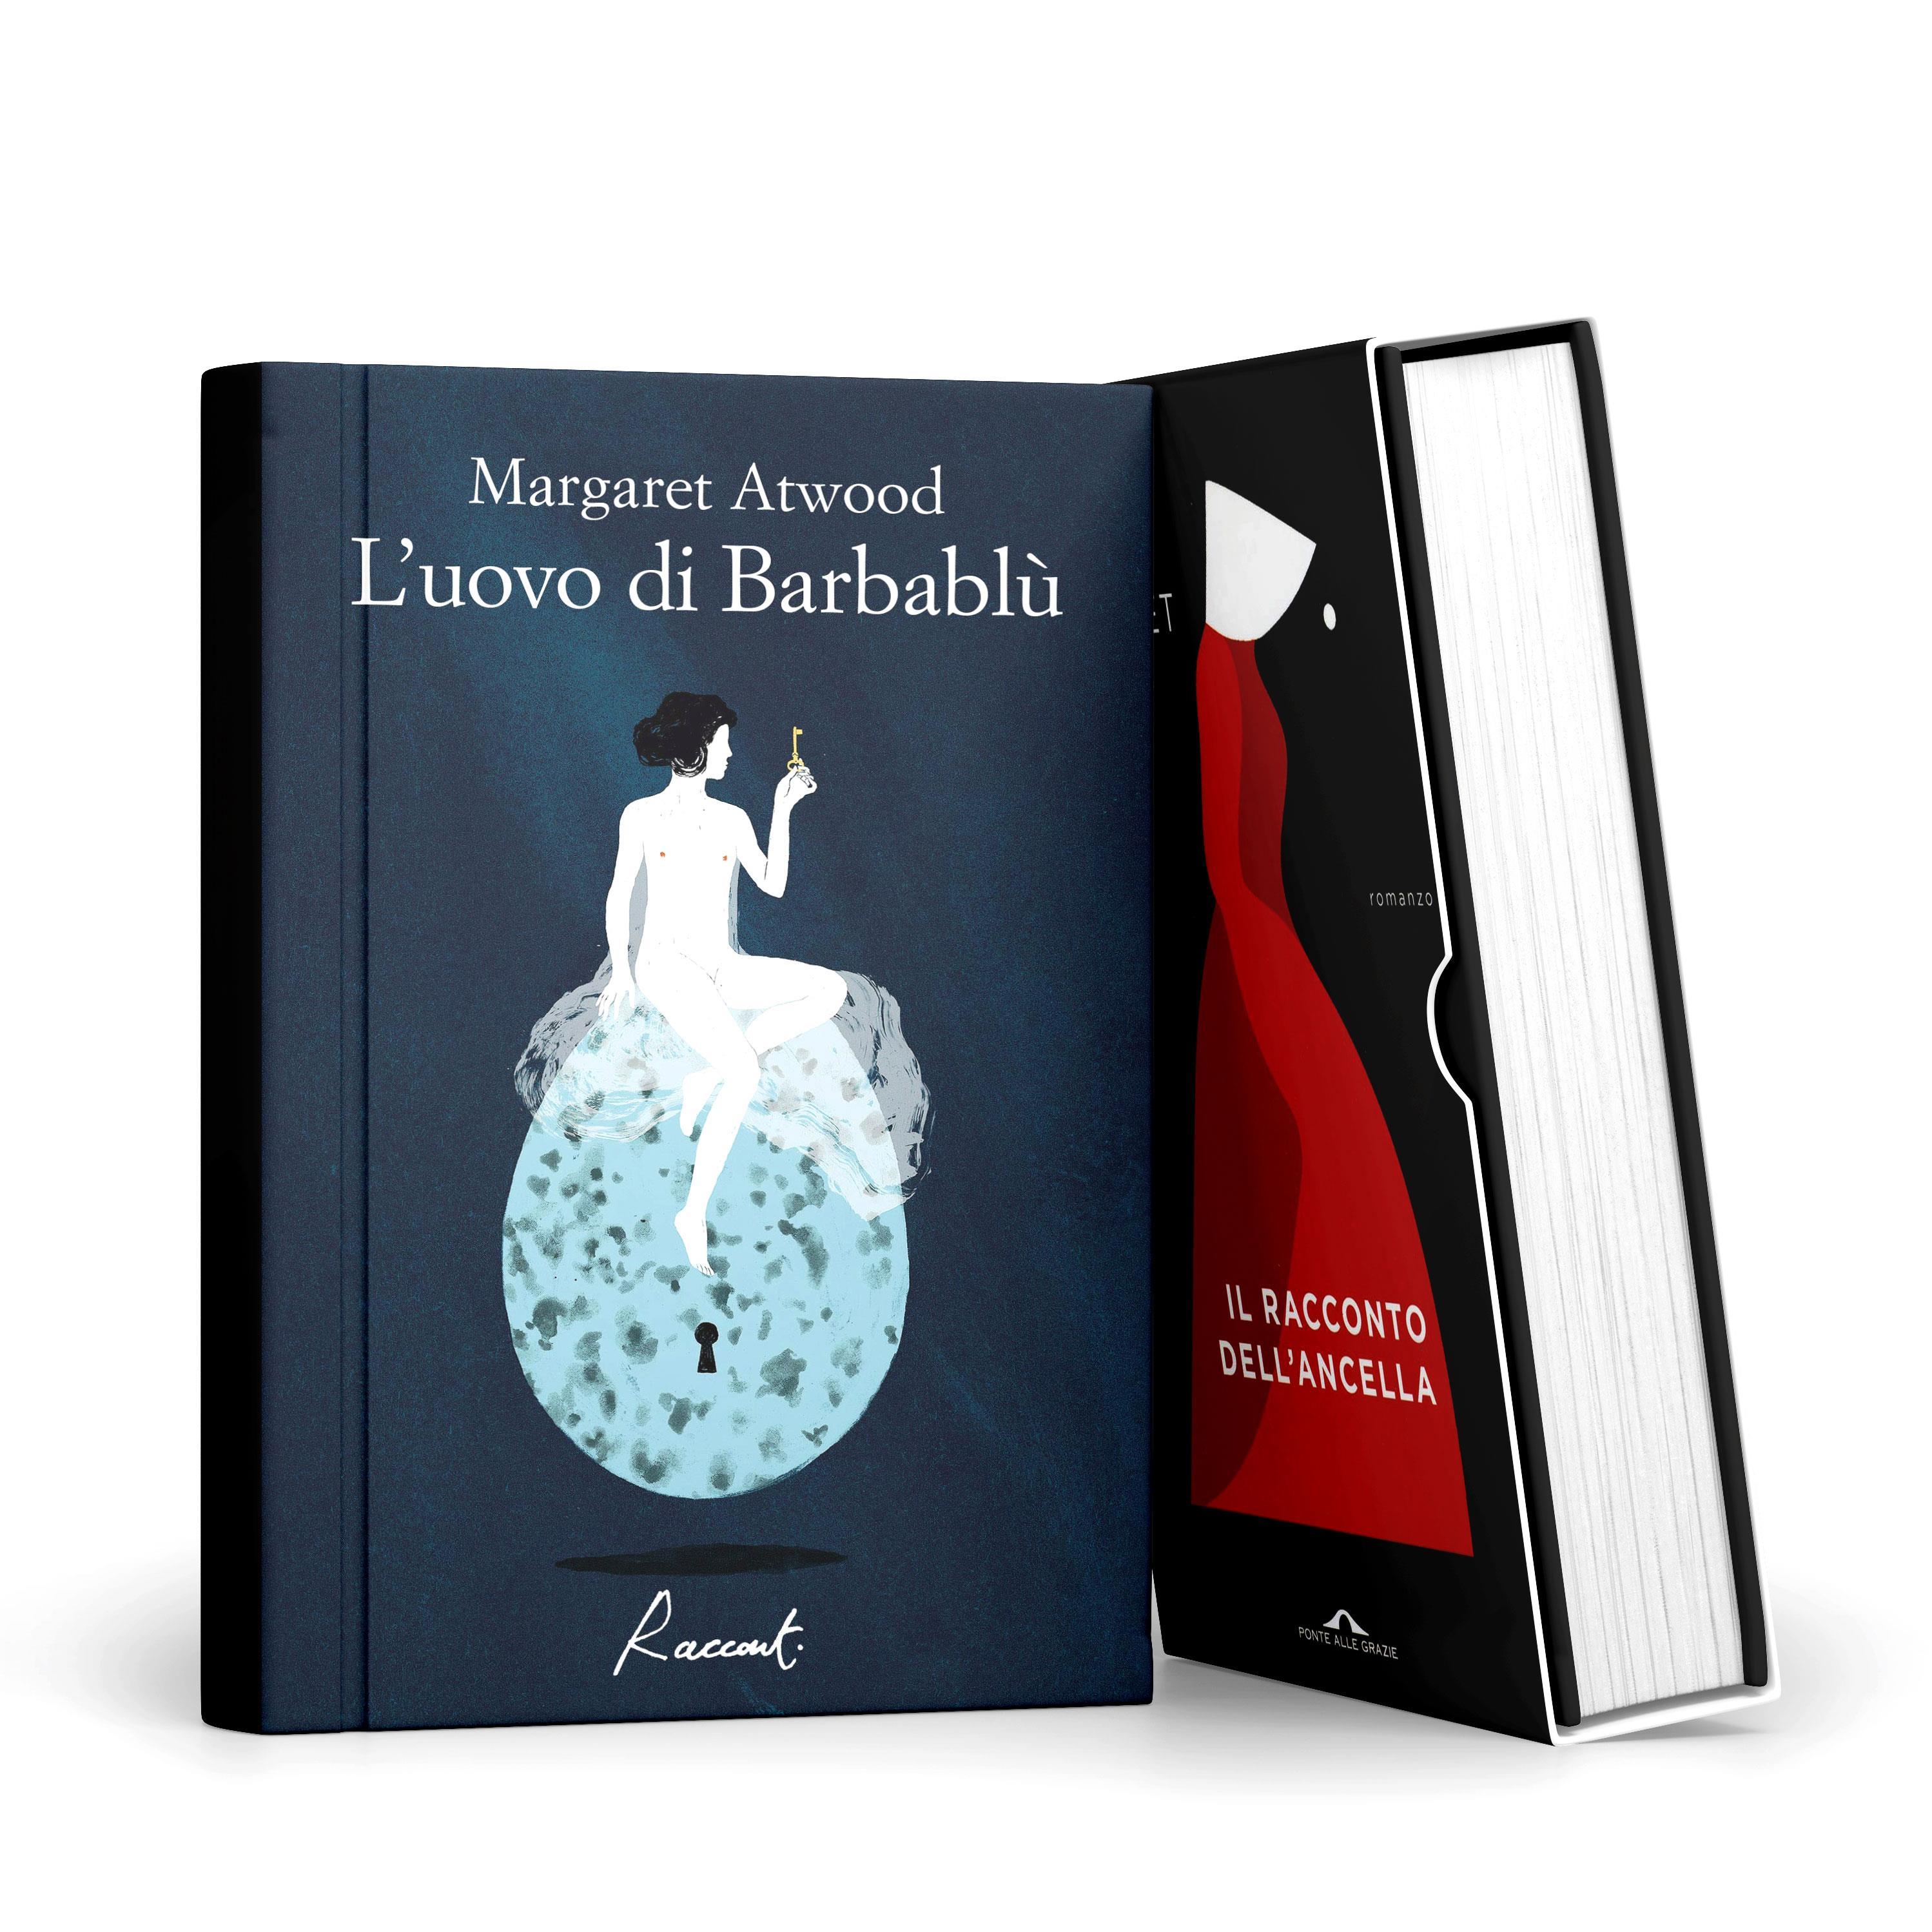 Le uova di Barbablù e Il racconto dell'ancella di Margaret Atwood